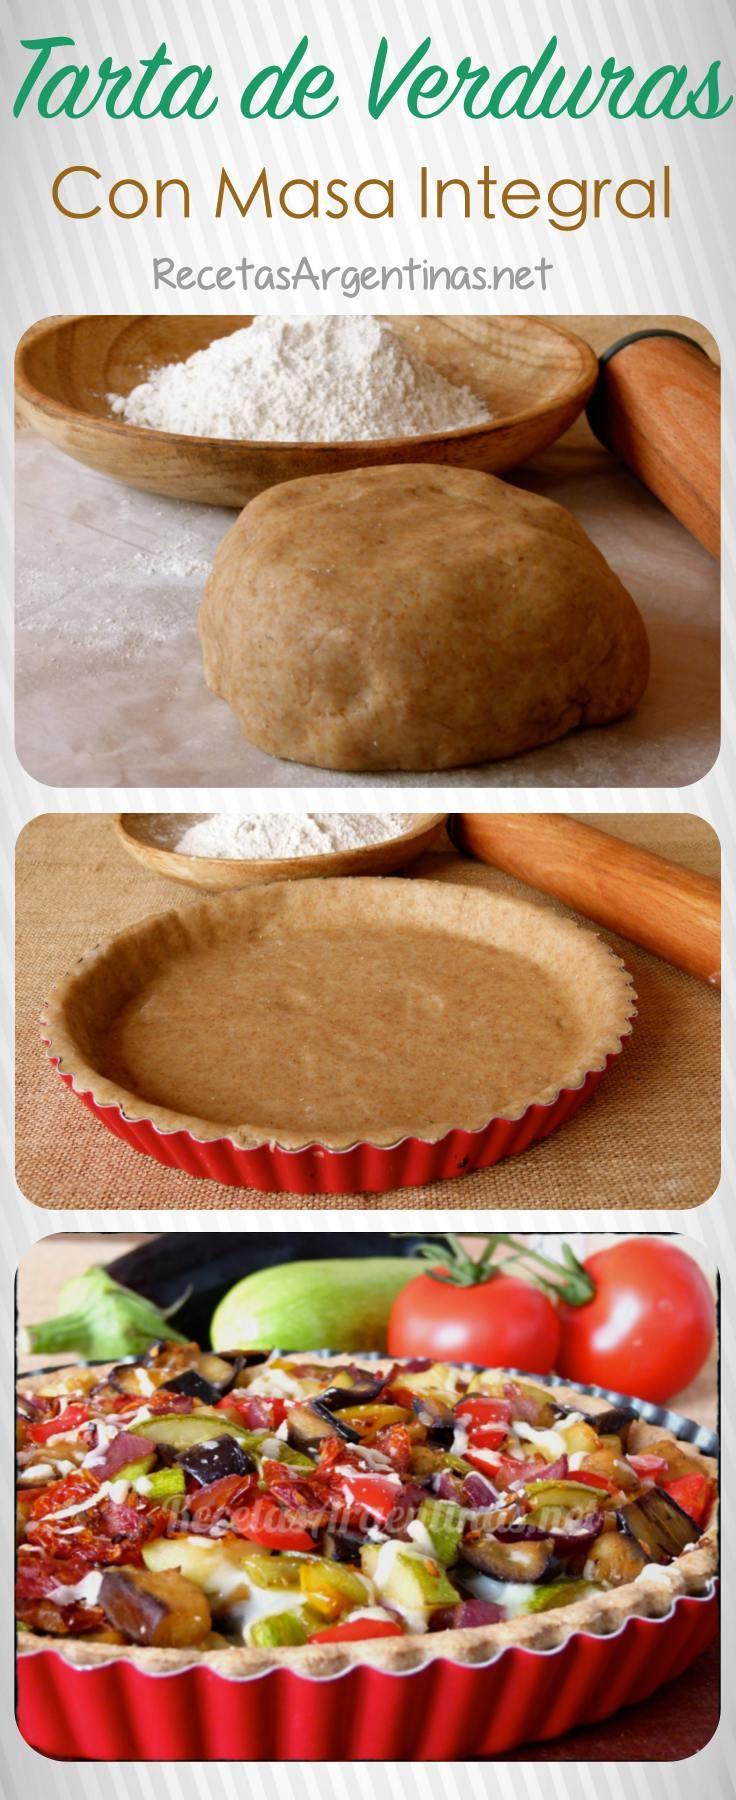 Ingredientes : Masa para tarta salada de harina integral (ver receta aquí) 1 berenjena grande 1 zapallito tipo zucchini o zapallito verde 1 cebolla mediana 10 tomatitos cherries. 1 pimiento morrón rojo 1 pimiento morrón verde 2 0 3 cucharadas de aceite Sal y pimienta a gusto. 150 gramos de queso para gratinar ( mozzarella o port salut o mantecoso) Modo de preparación: Precalentar el horno a 180 grados. Disponer la masa de tarta en un molde. Pinchar la superficie de la masa , para evitar qu